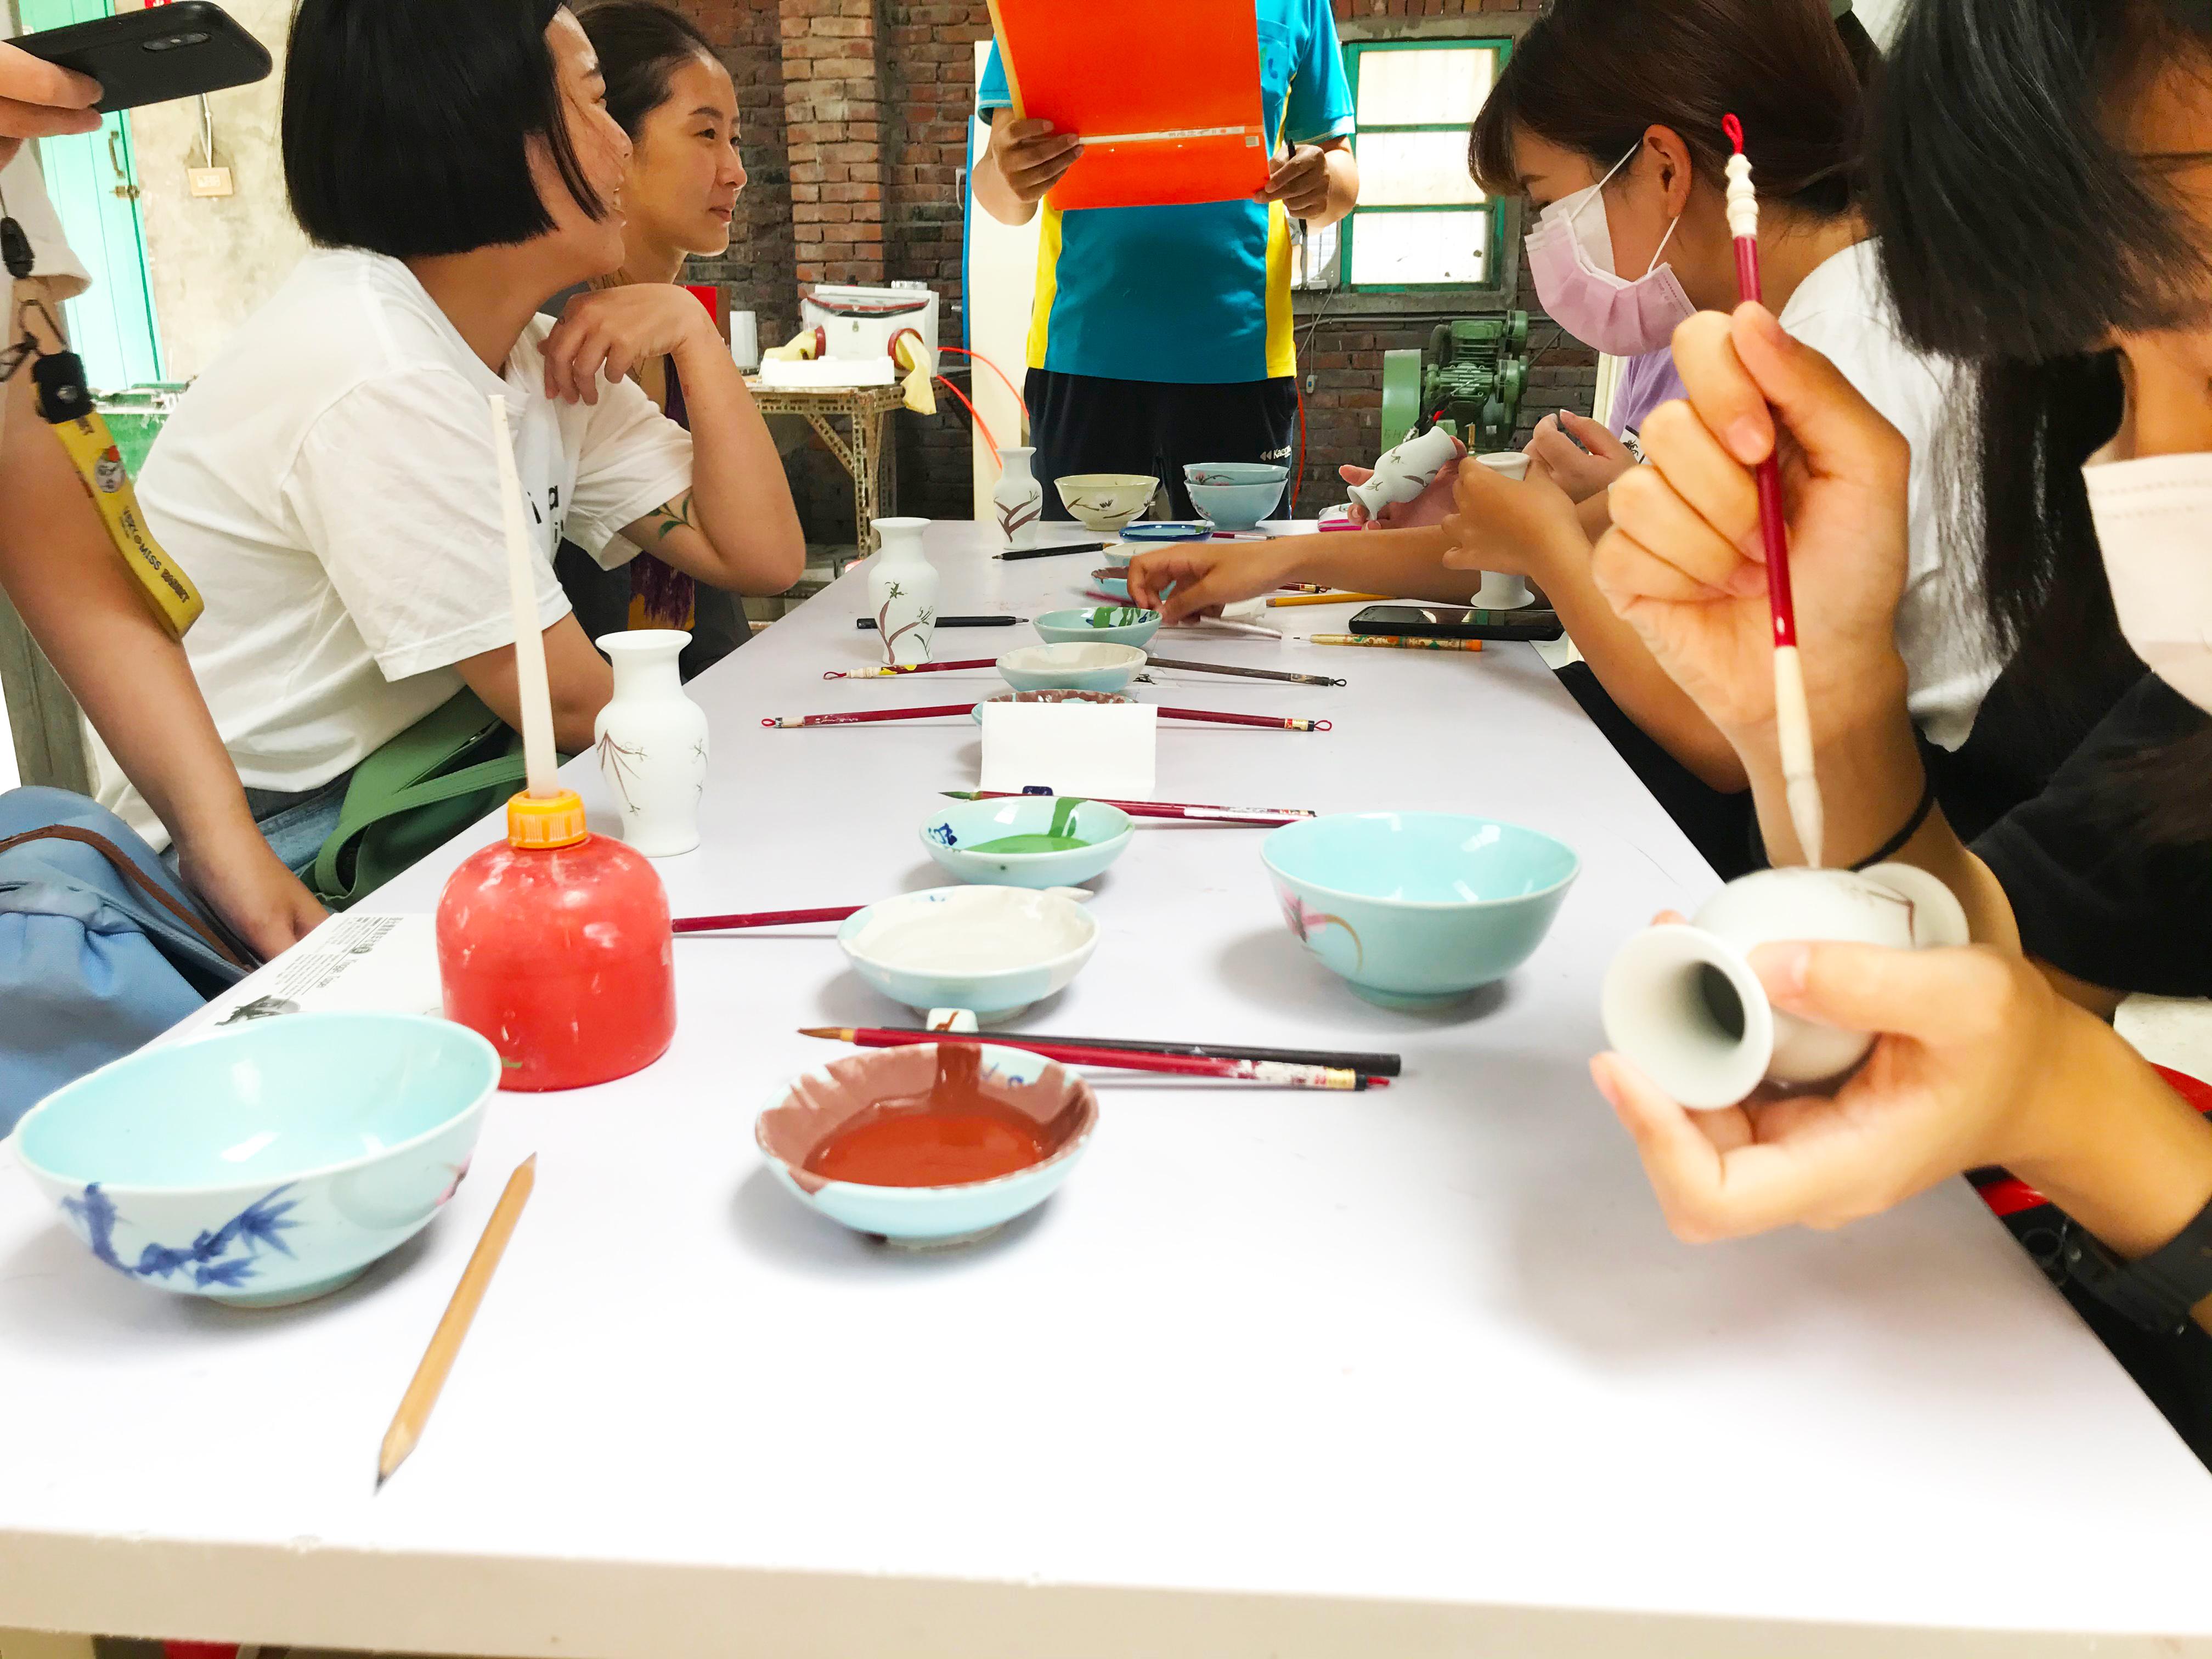 (圖二)《Do 鶯 yourself》為《我流》的其中一項工作坊任務,青年們透過體驗製陶過程,了解三鶯在地文化。